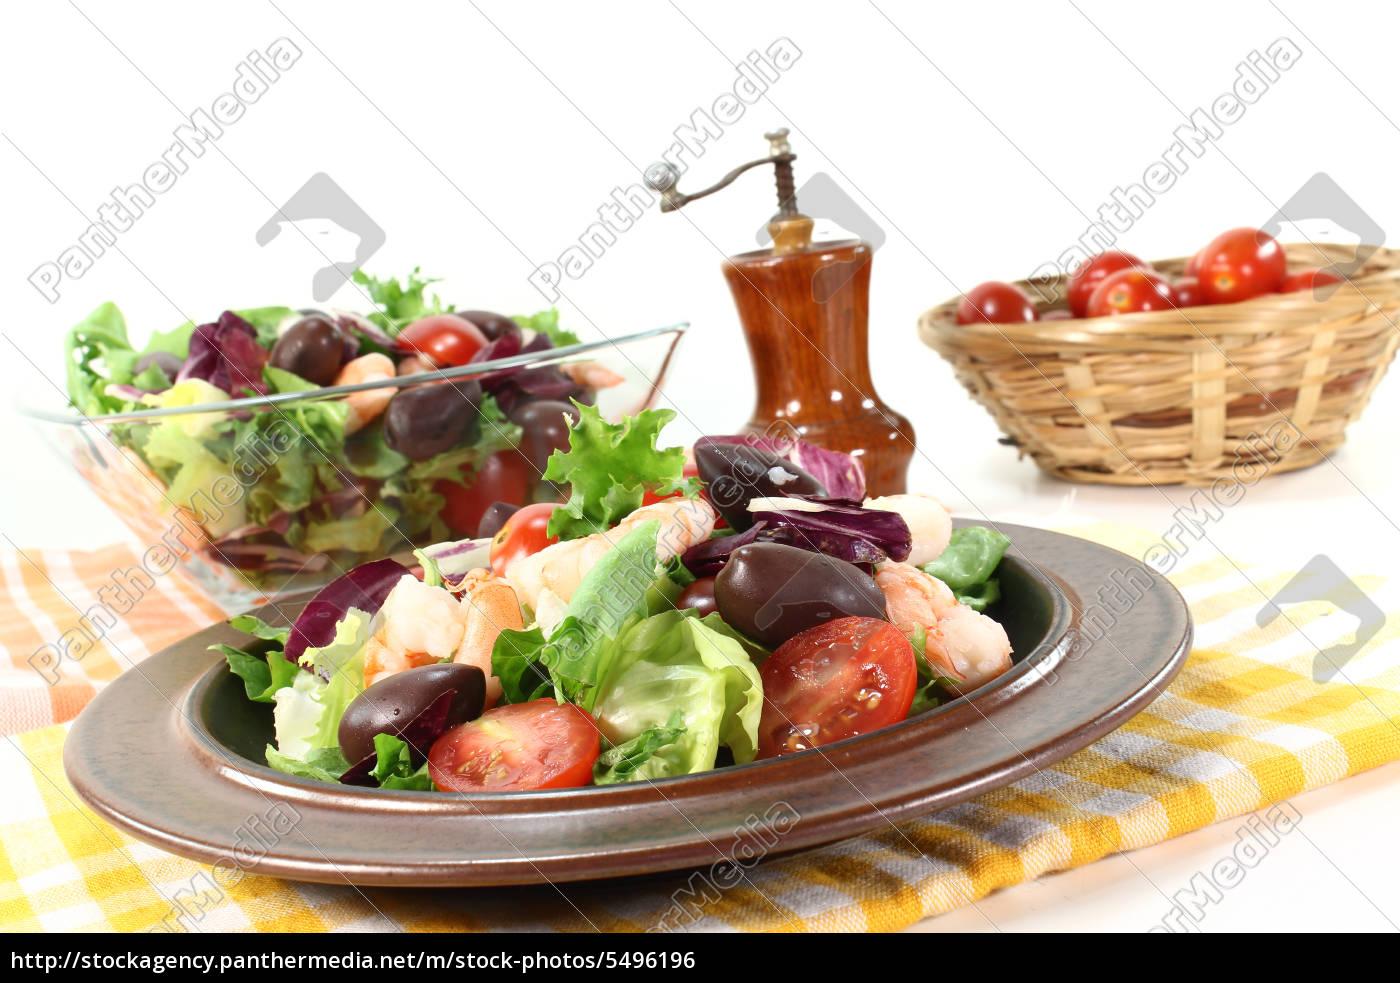 mixed, salad - 5496196